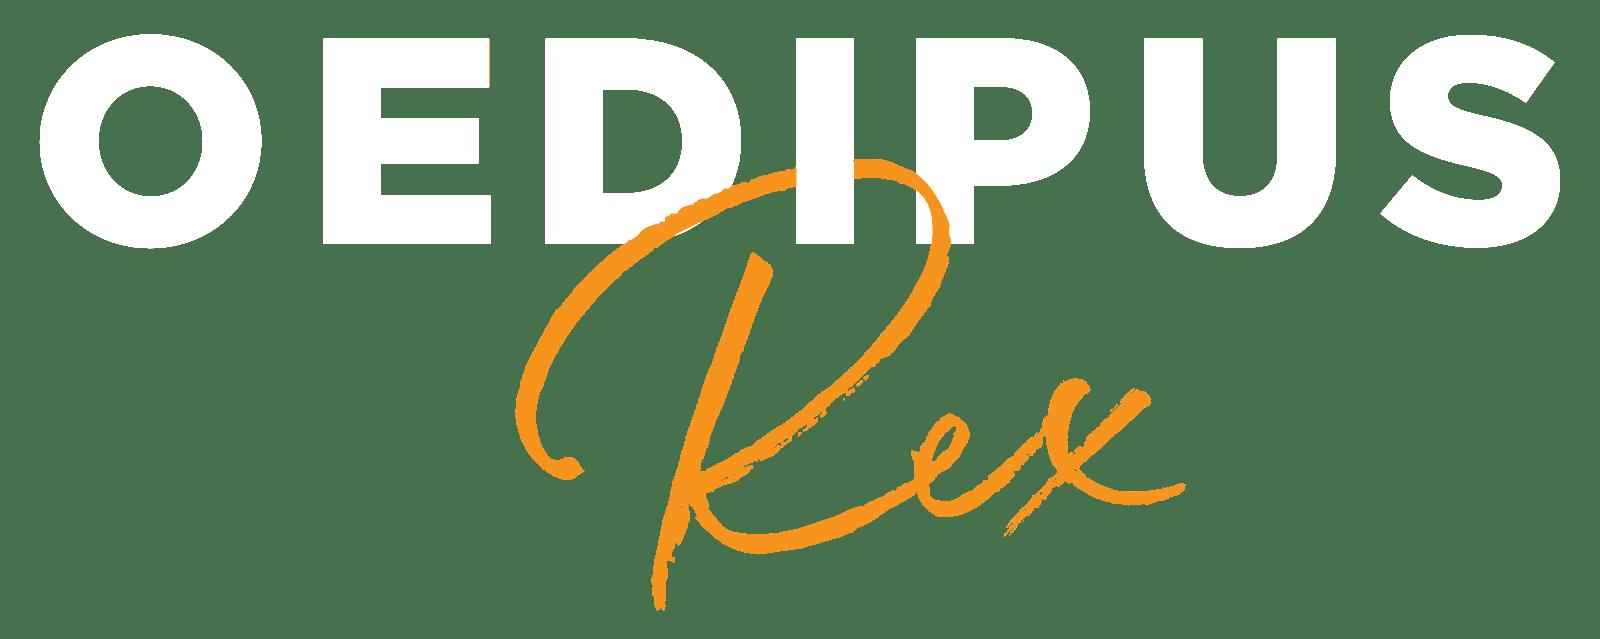 Oedipus Rex - Online